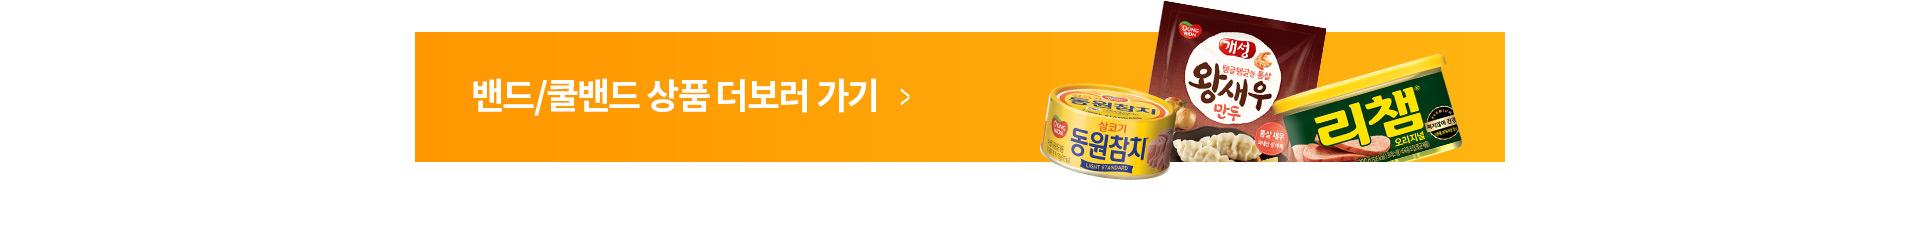 밴드/쿨밴드 상품 더보러 가기